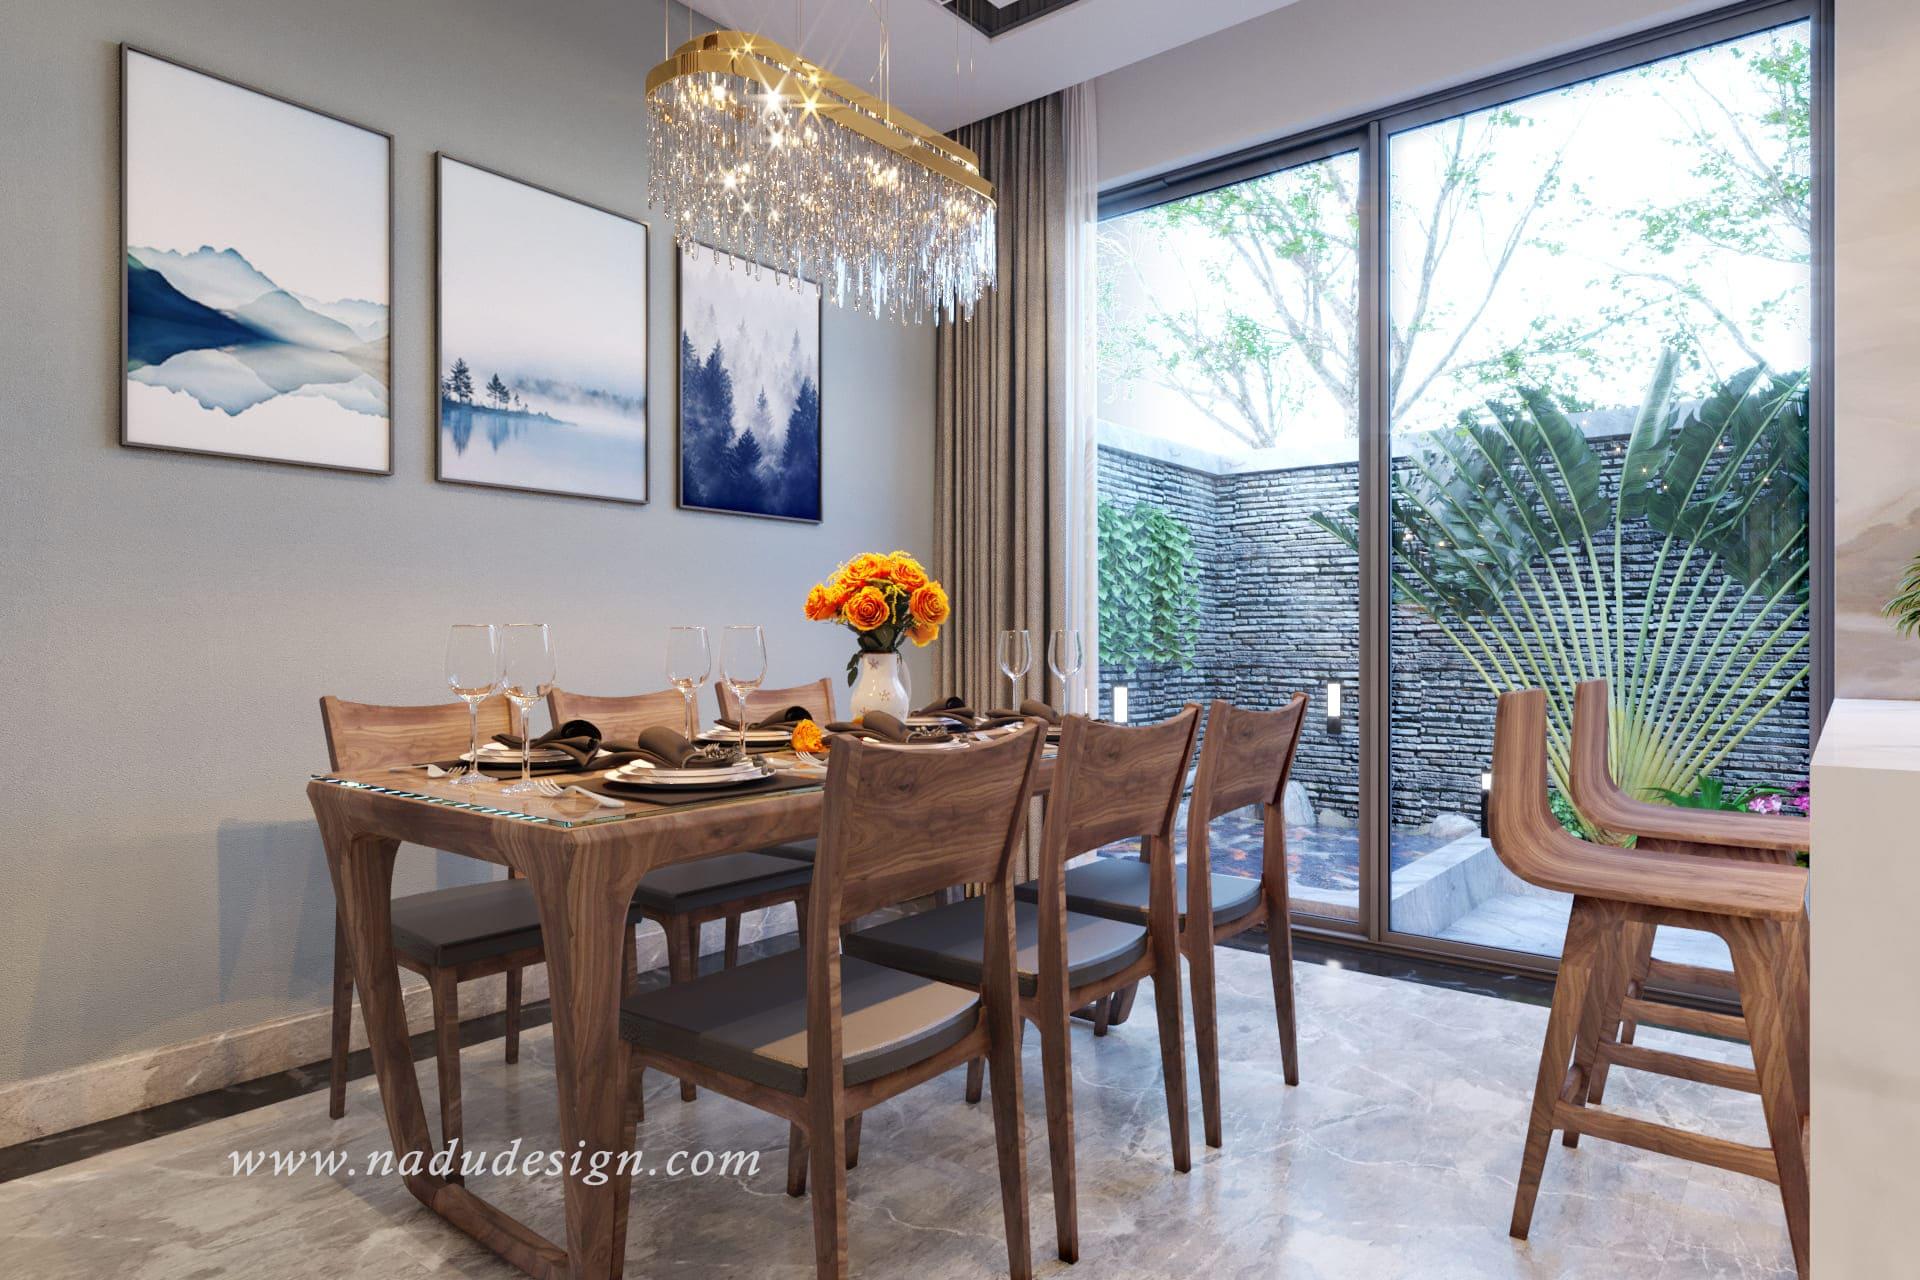 5 mẫu bàn ăn gỗ óc chó đẹp chất ngất đến từng chi tiết nhỏ tại NaDu Design